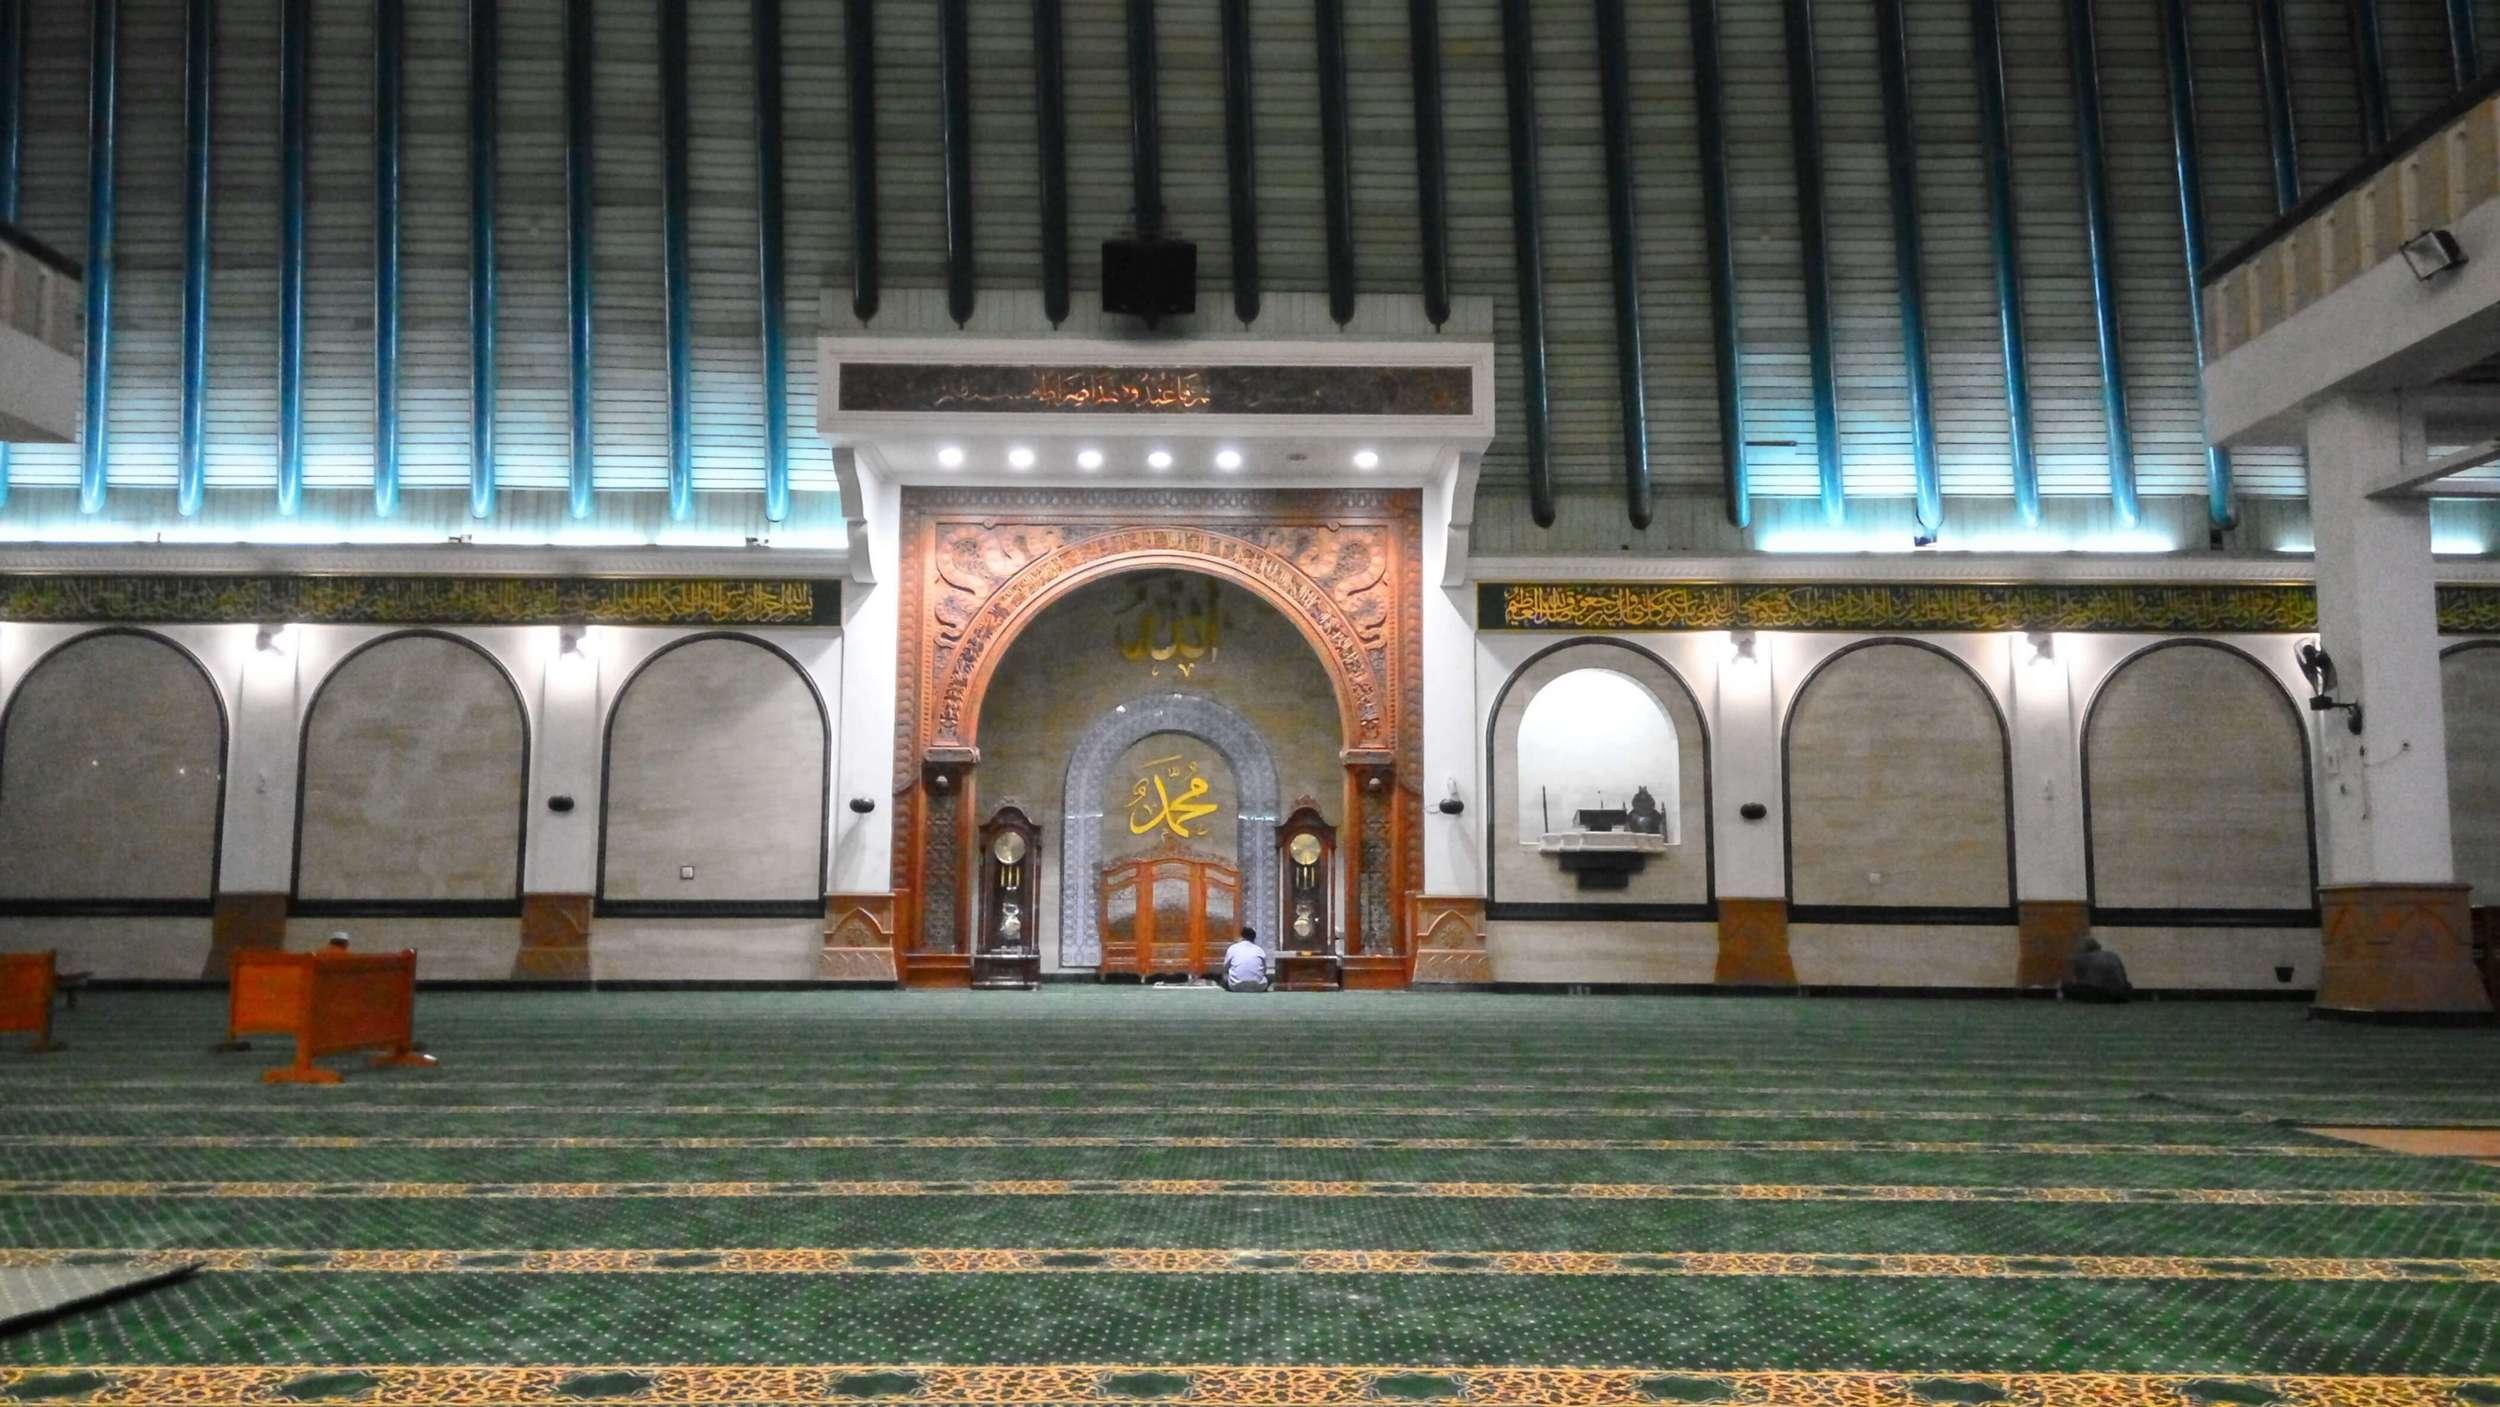 Masjid Agung Wisata Jawa Tengah 2020 (1)